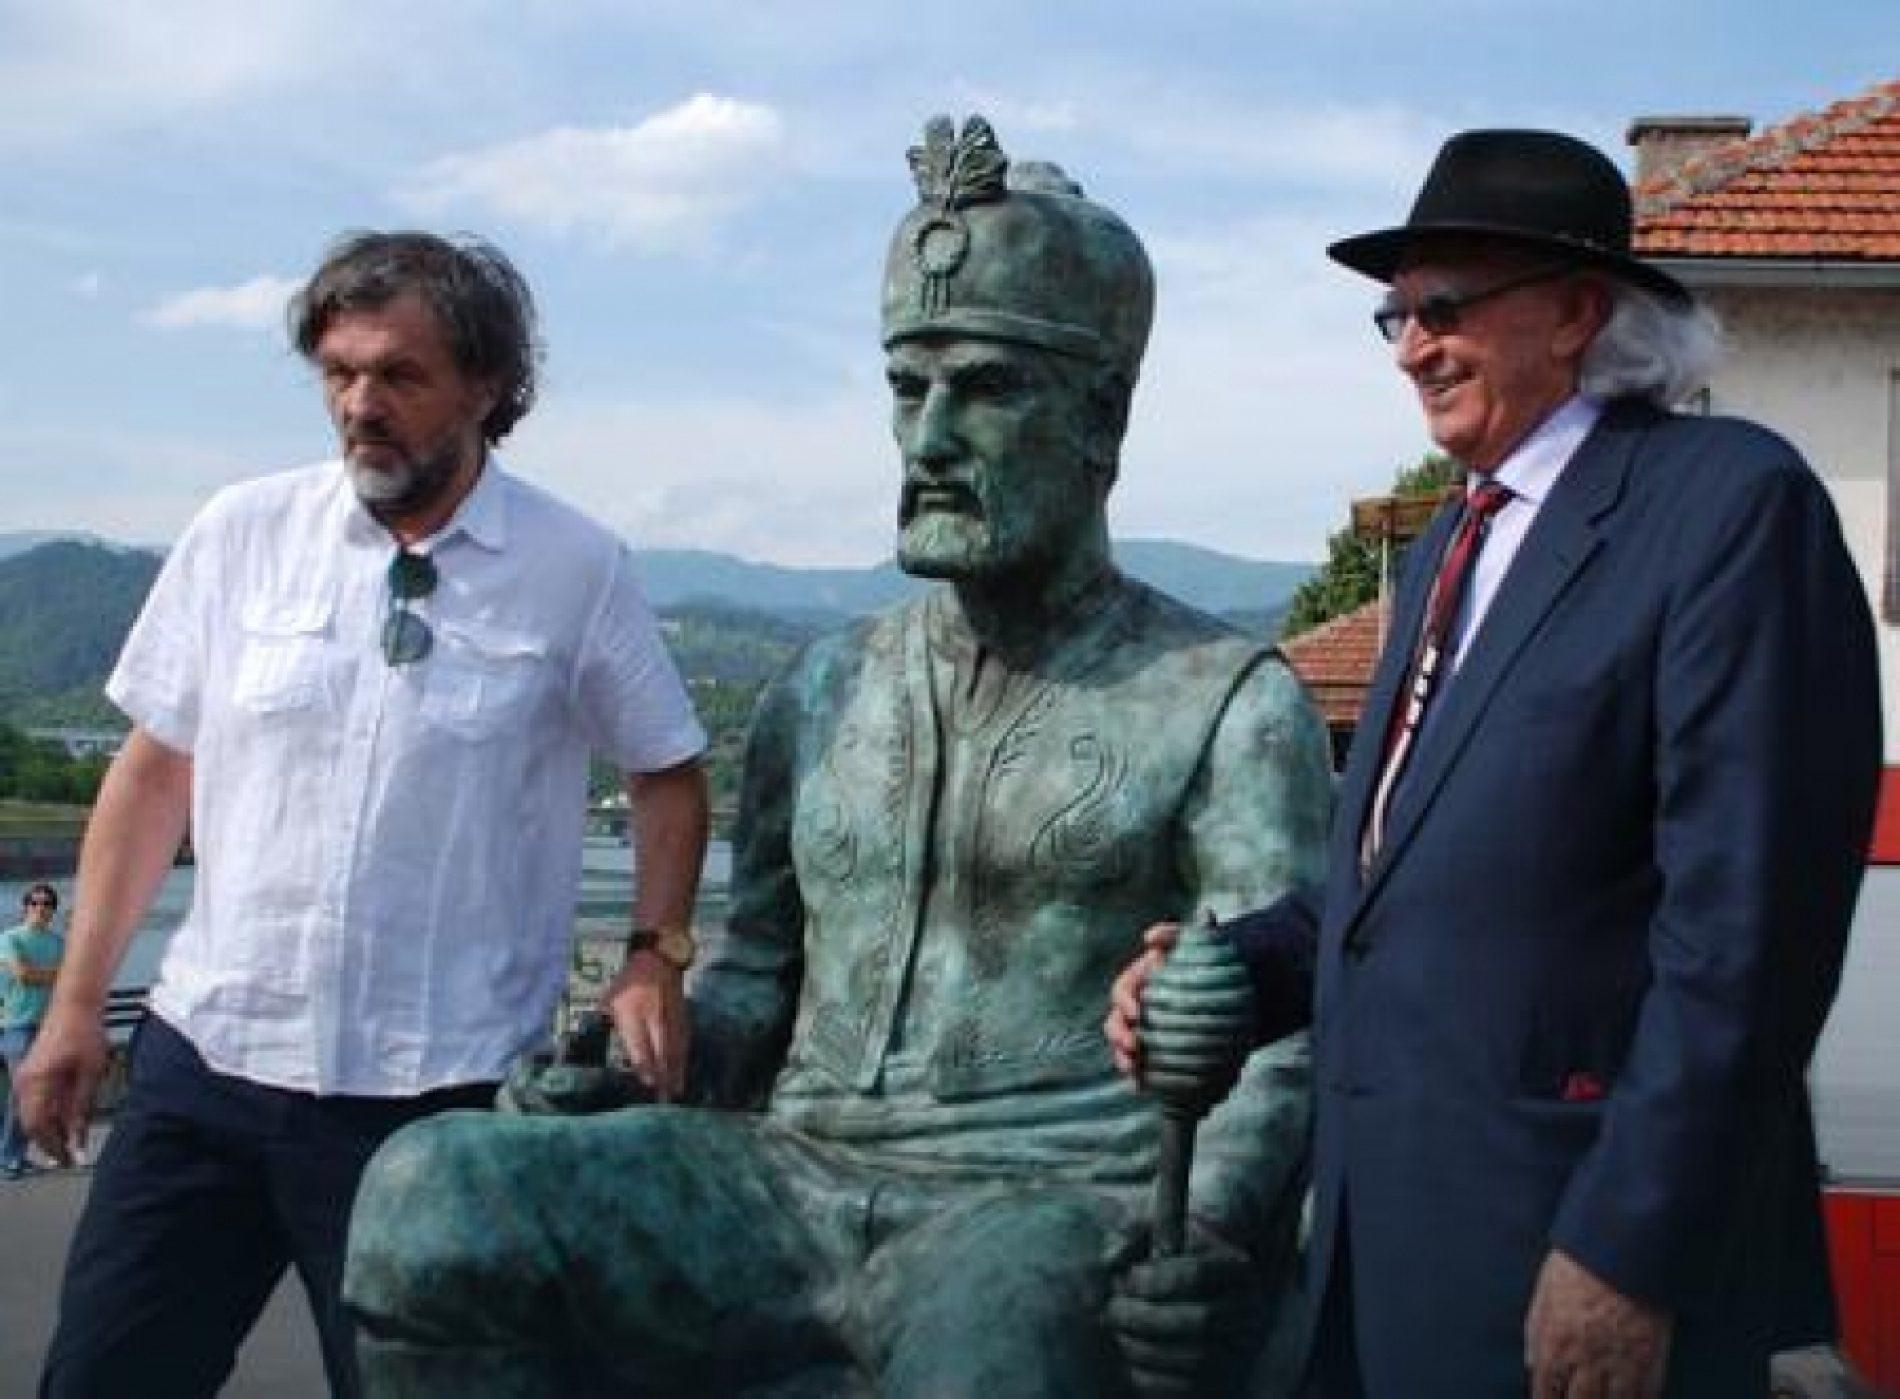 Spomenik Mehmed-paši Sokoloviću: Srbovanje i mitomanisanje u Višegradu